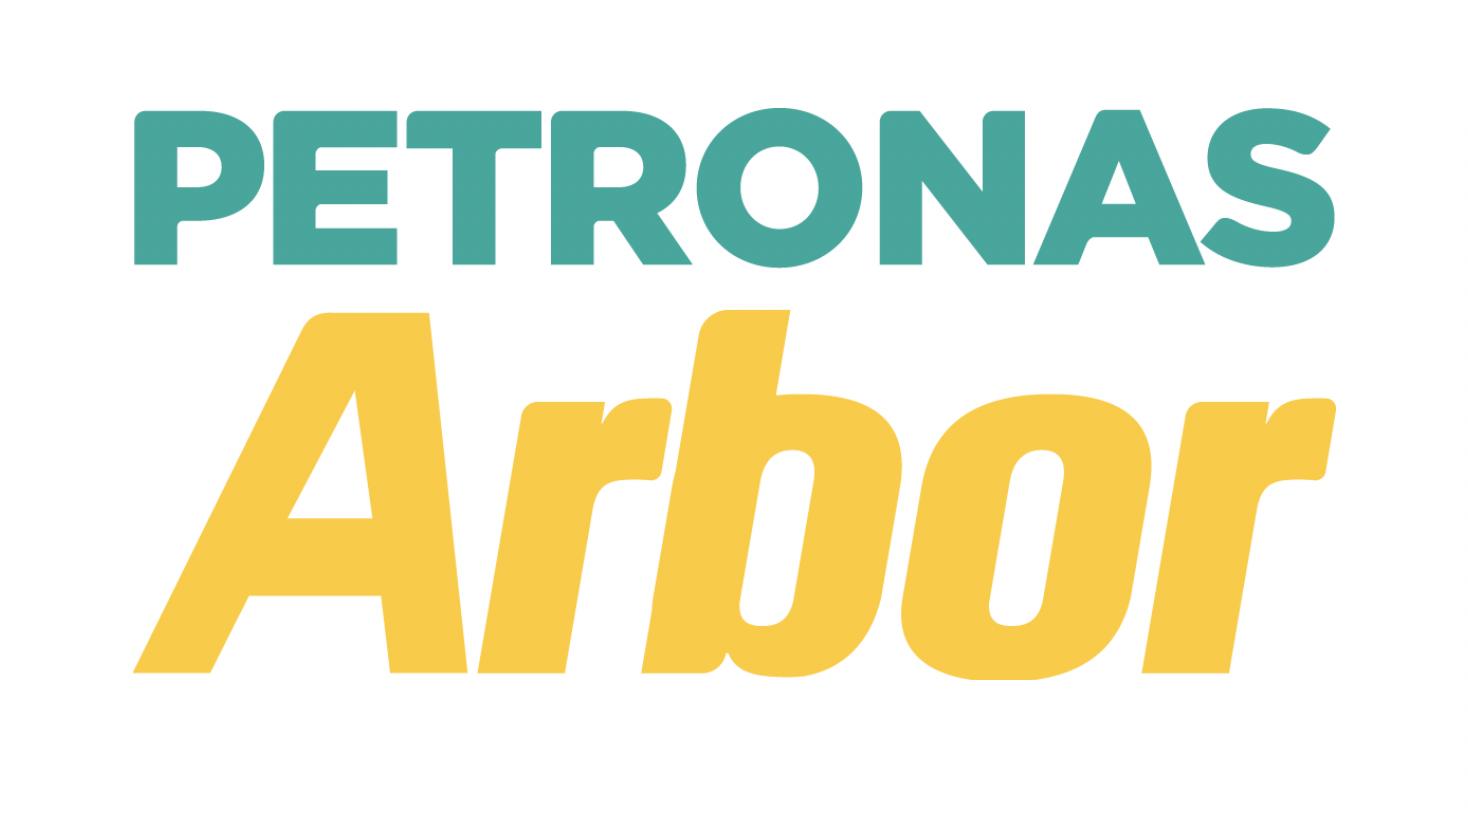 Petronas Arbor